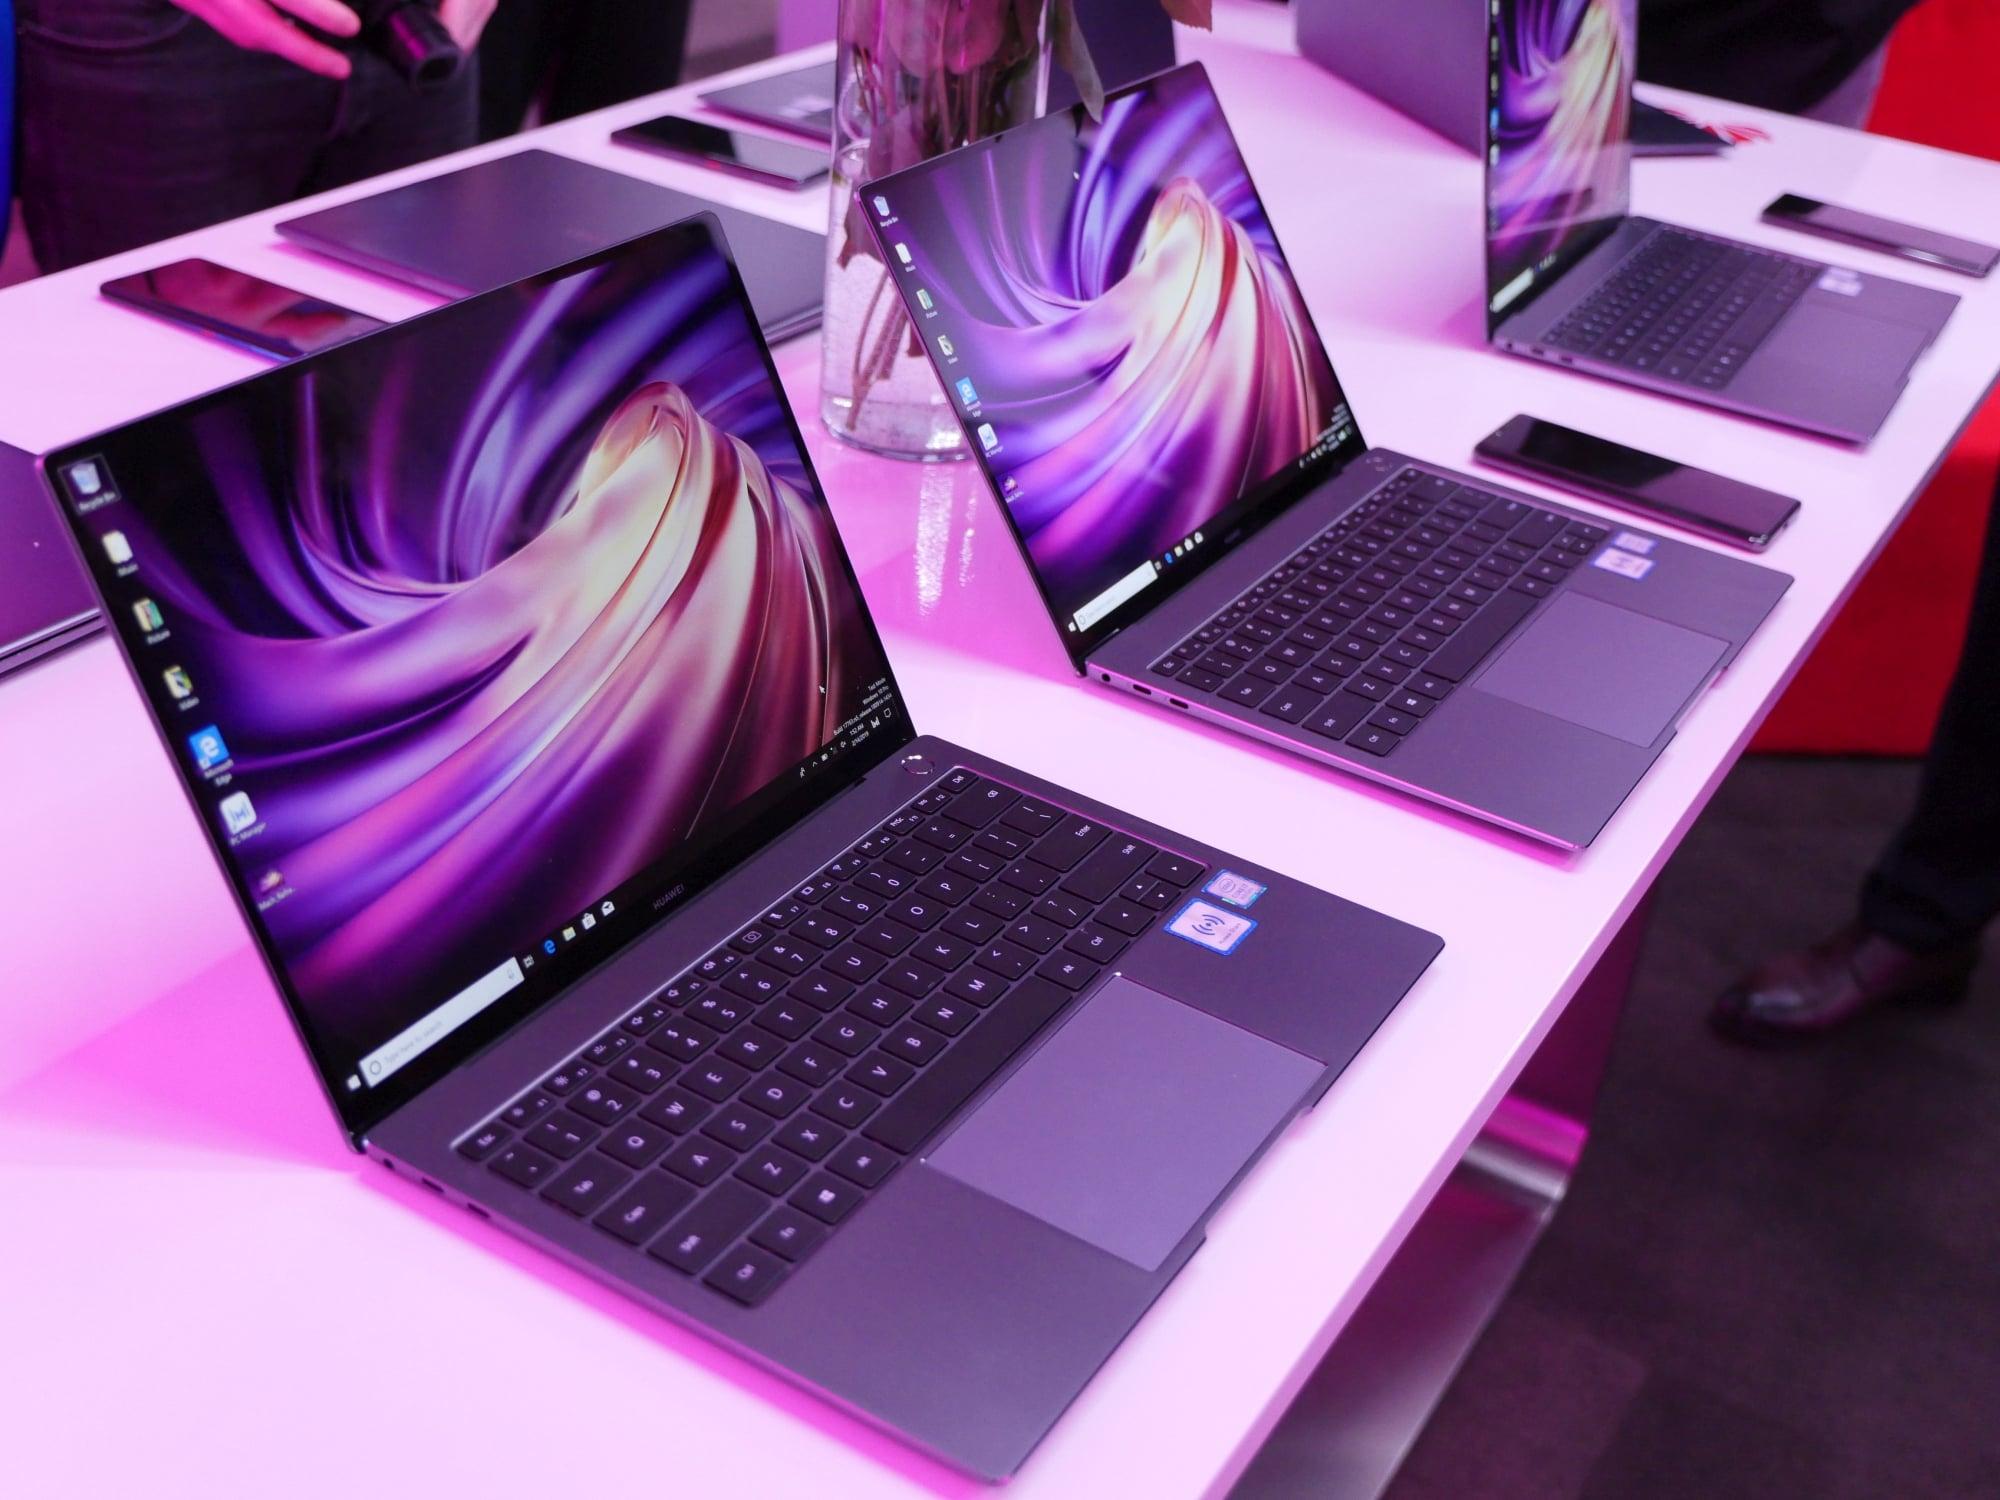 Huawei pokazał trzy ciekawe laptopy, a mnie bardziej od nich interesuje samo oprogramowanie 18